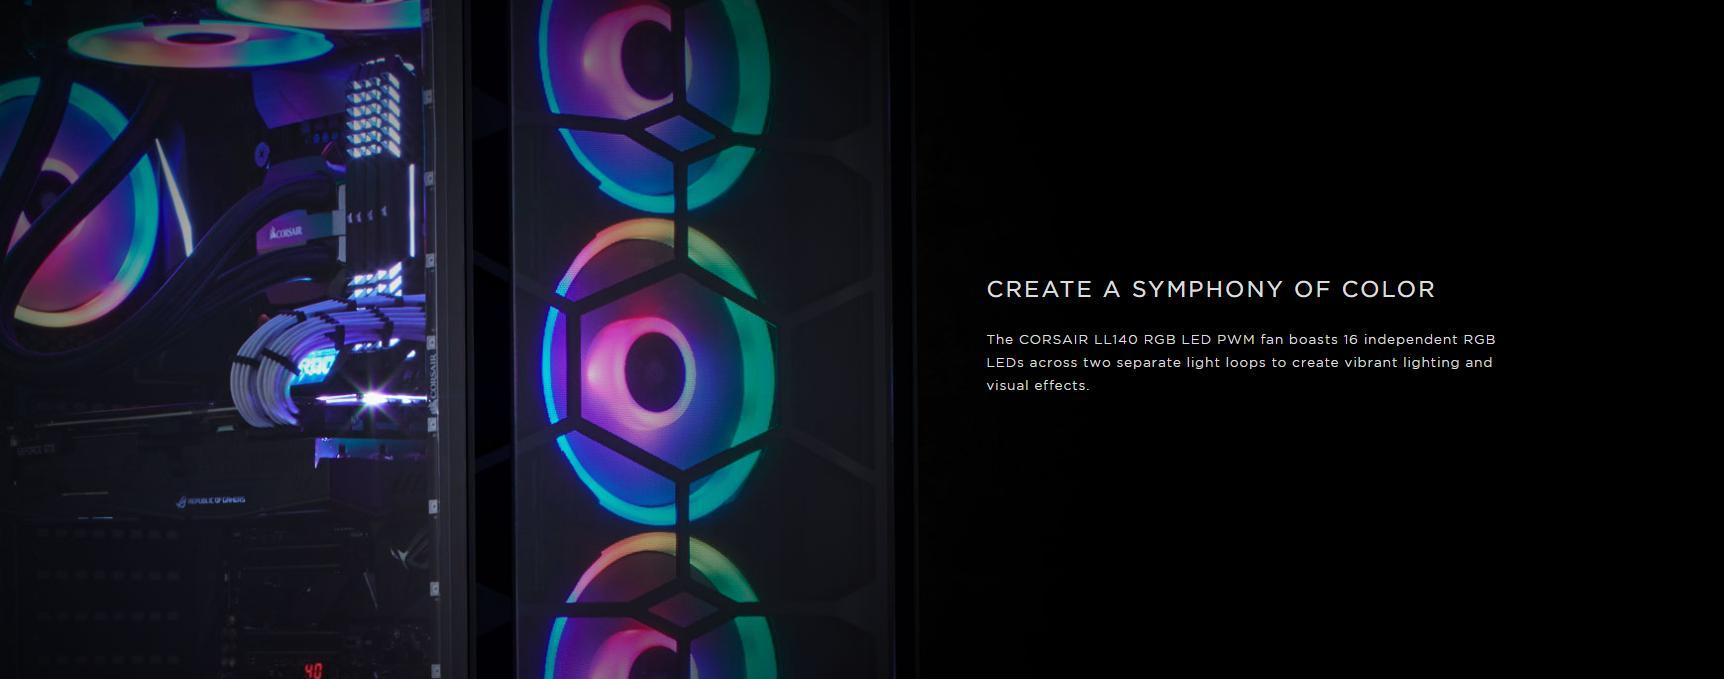 Fan Case Corsair LL140 RGB 140mm Dual Light Loop RGB LED Single Pack tự hào có 16 đèn LED RGB độc lập trên hai vòng ánh sáng riêng biệt để tạo ra hiệu ứng ánh sáng và hình ảnh sống động.